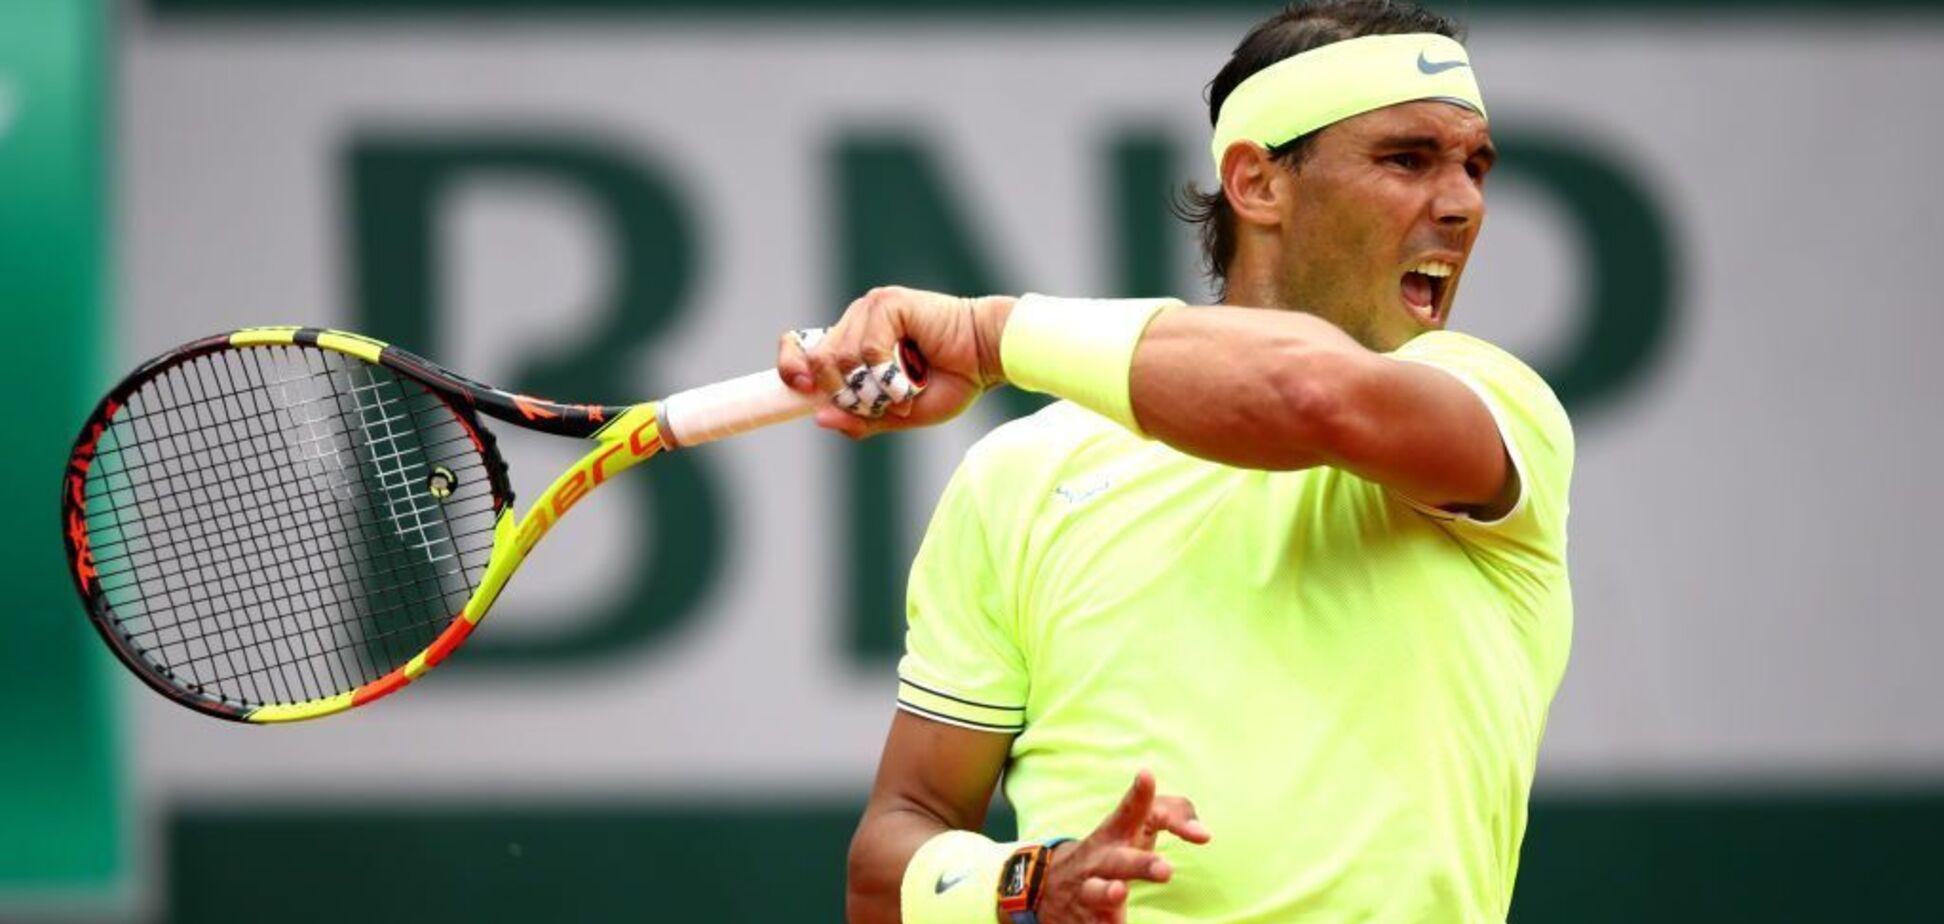 Надаль ухвалив несподіване рішення після перемоги на Roland Garros